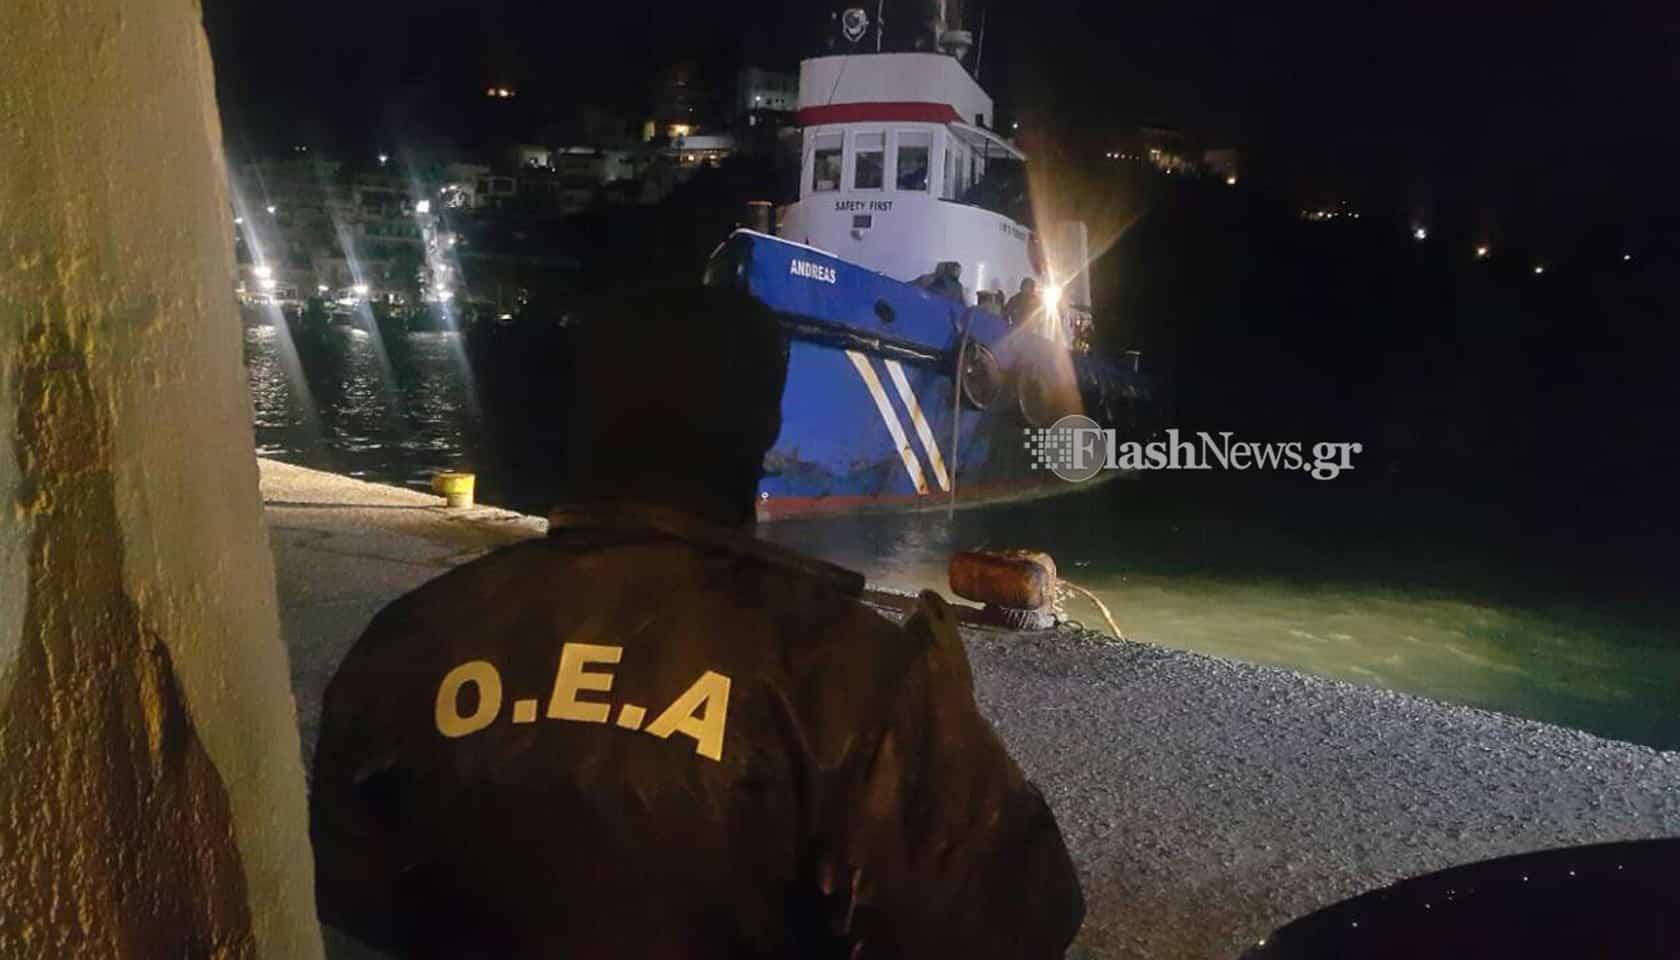 Ρεσάλτο των ειδικών δυνάμεων του λιμενικού Χανίων σε πλοίο τη νύχτα (φωτο)